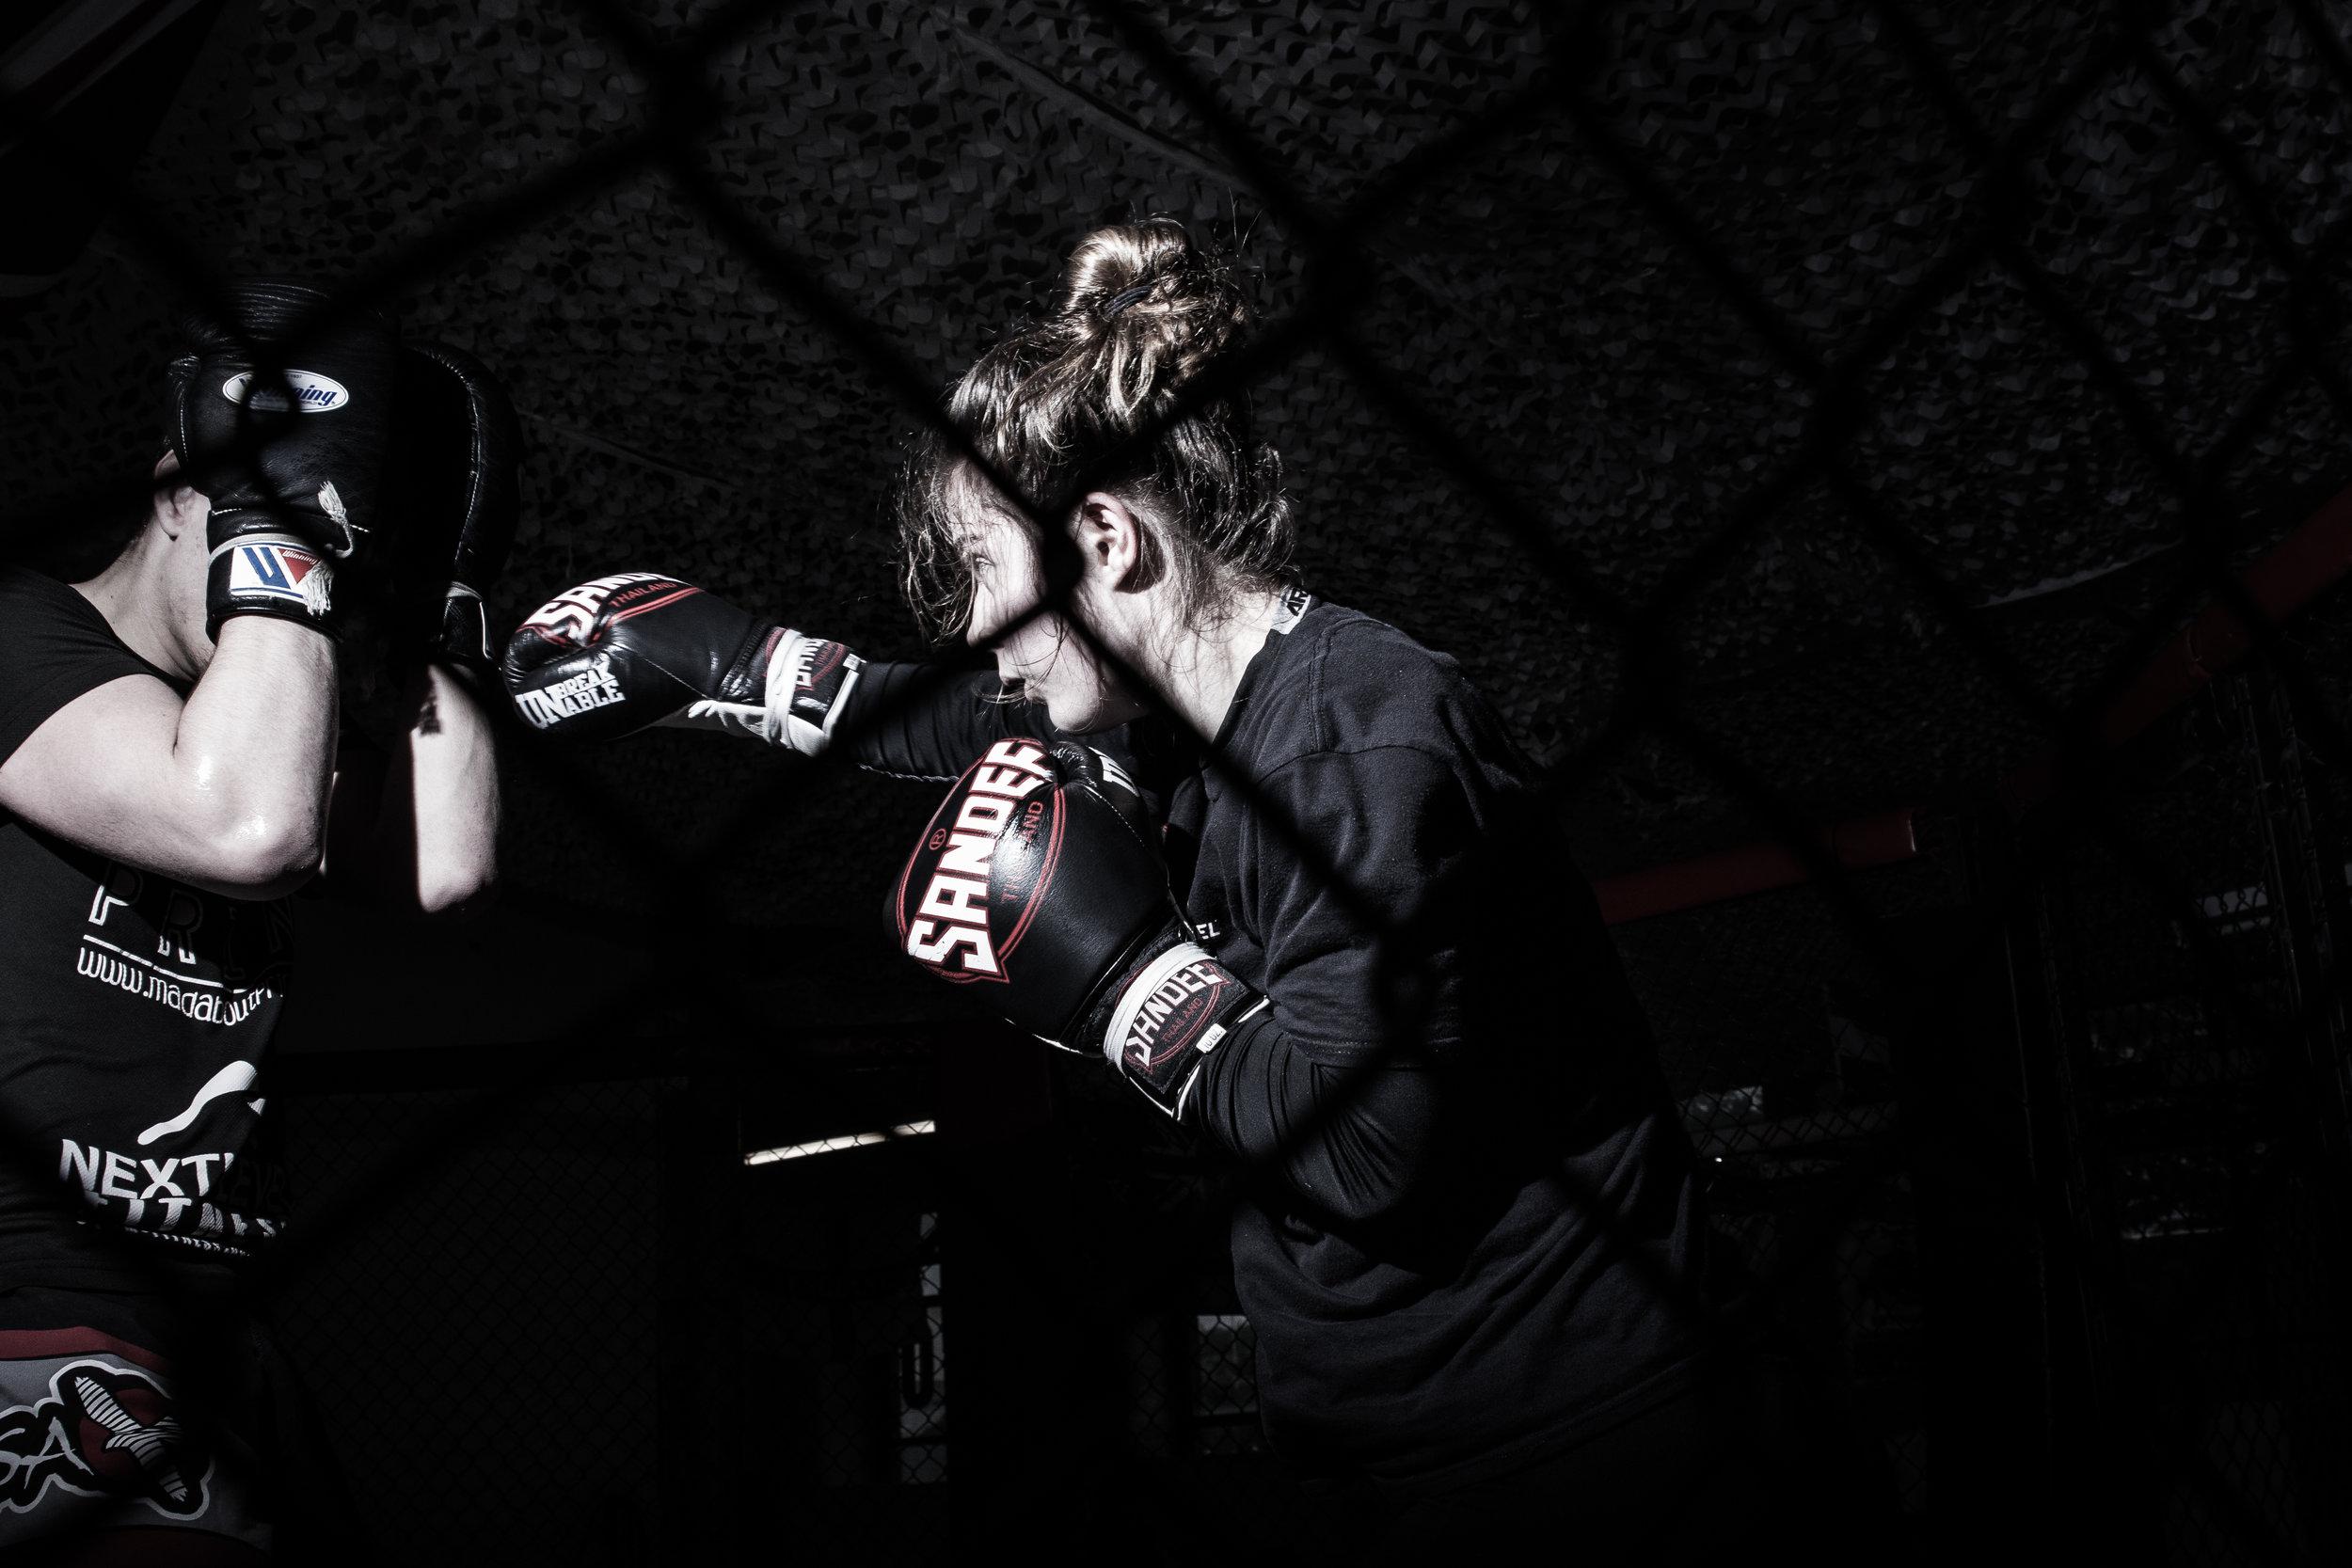 female-mma-fighter